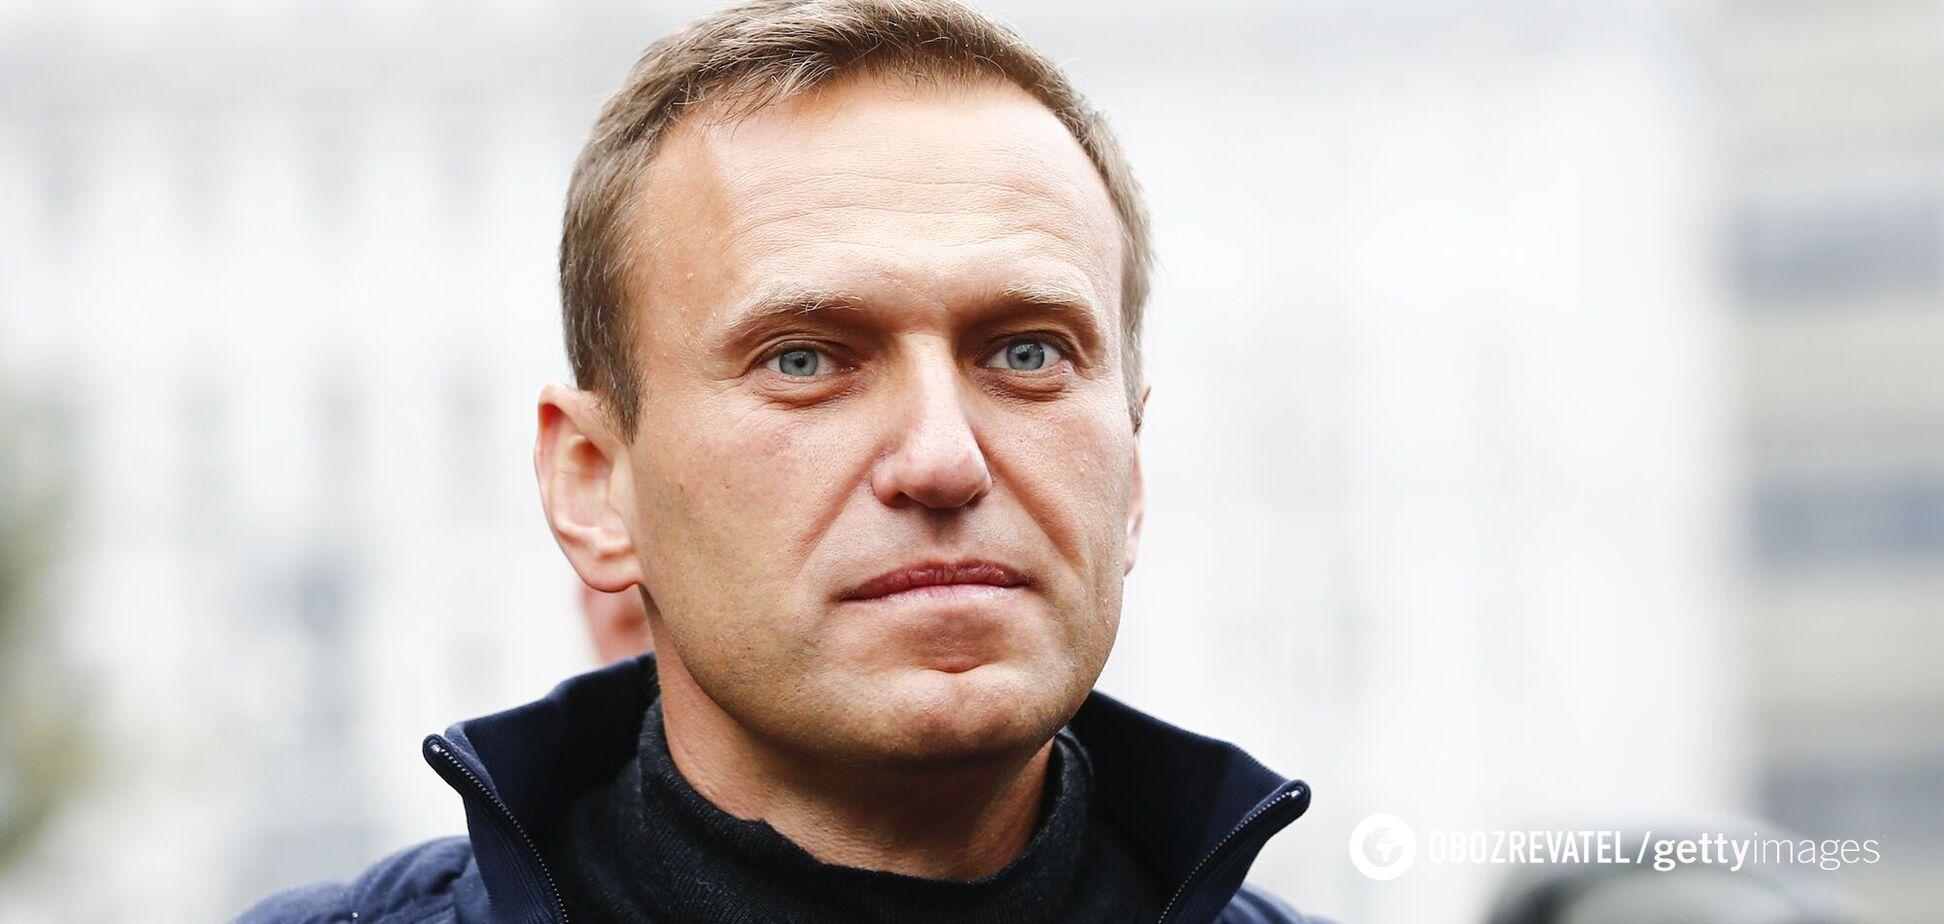 В Европе осудили отравление Навального 'Новичком' и пригрозили России: заявления политиков